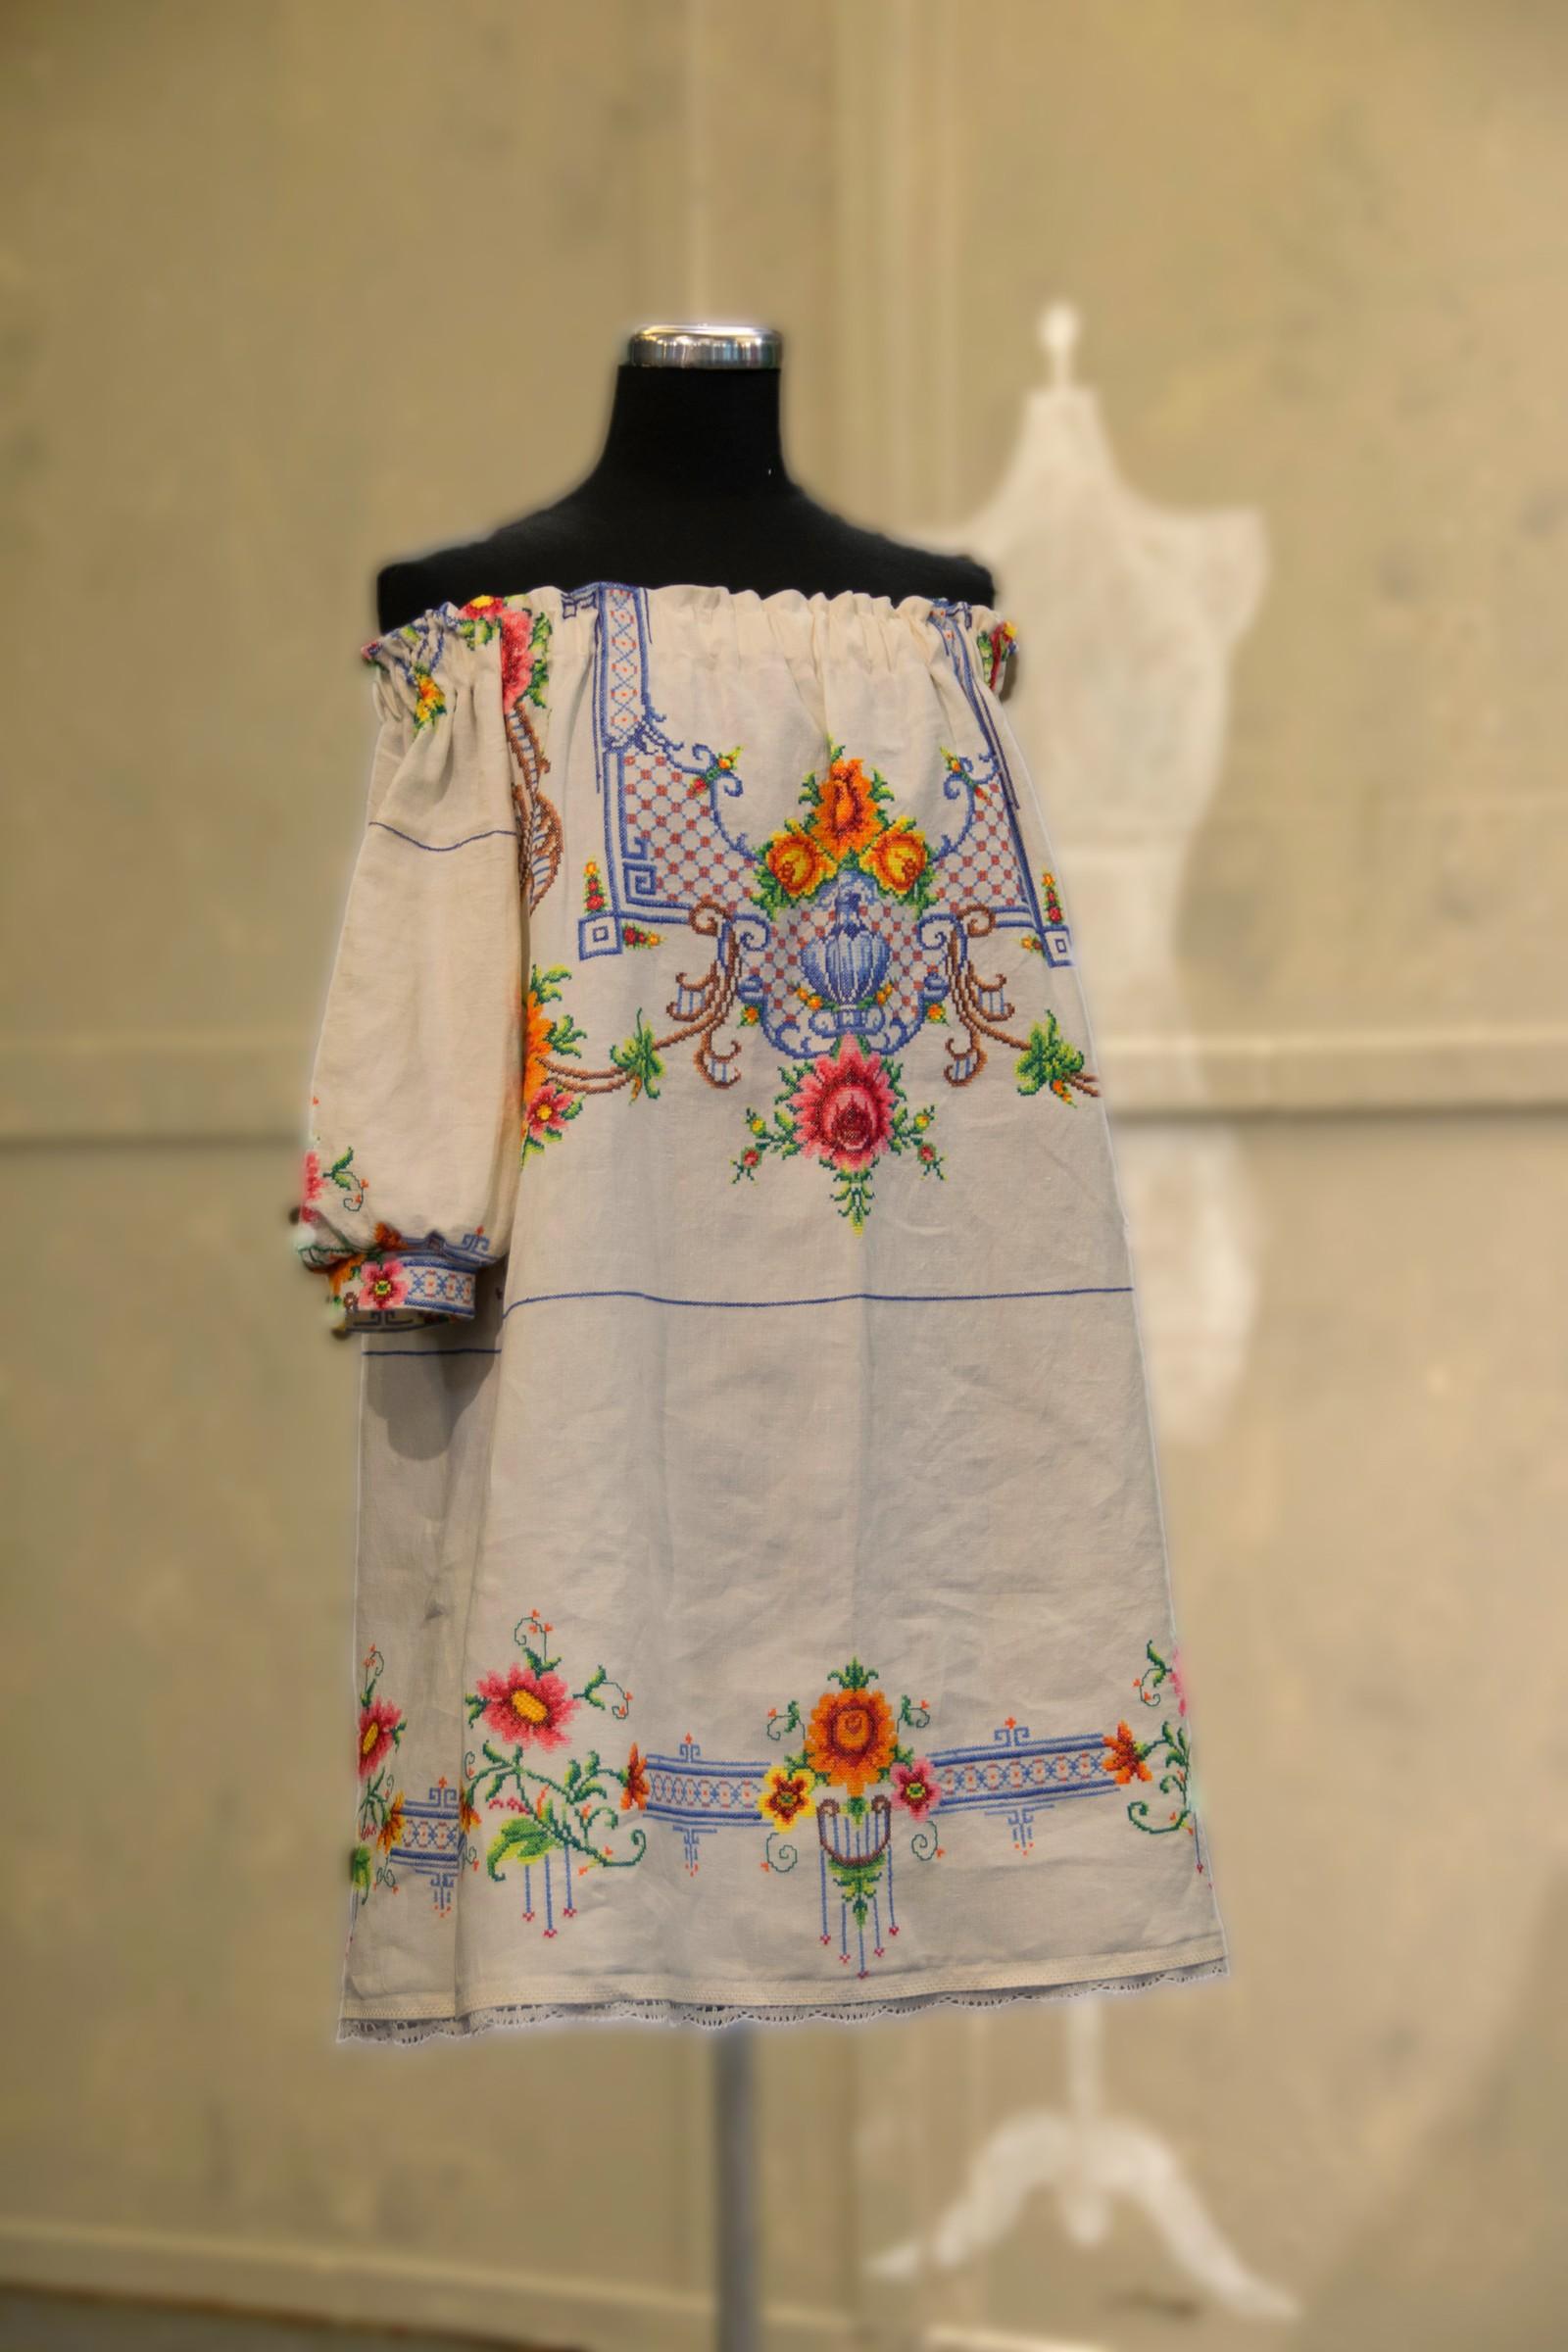 Med denne blusen fikk Monica førsteplass i mønsteroppgaven. Hun fikk tak i duken alle ville ha, men hun fikk skryt for bruken av stoffet.